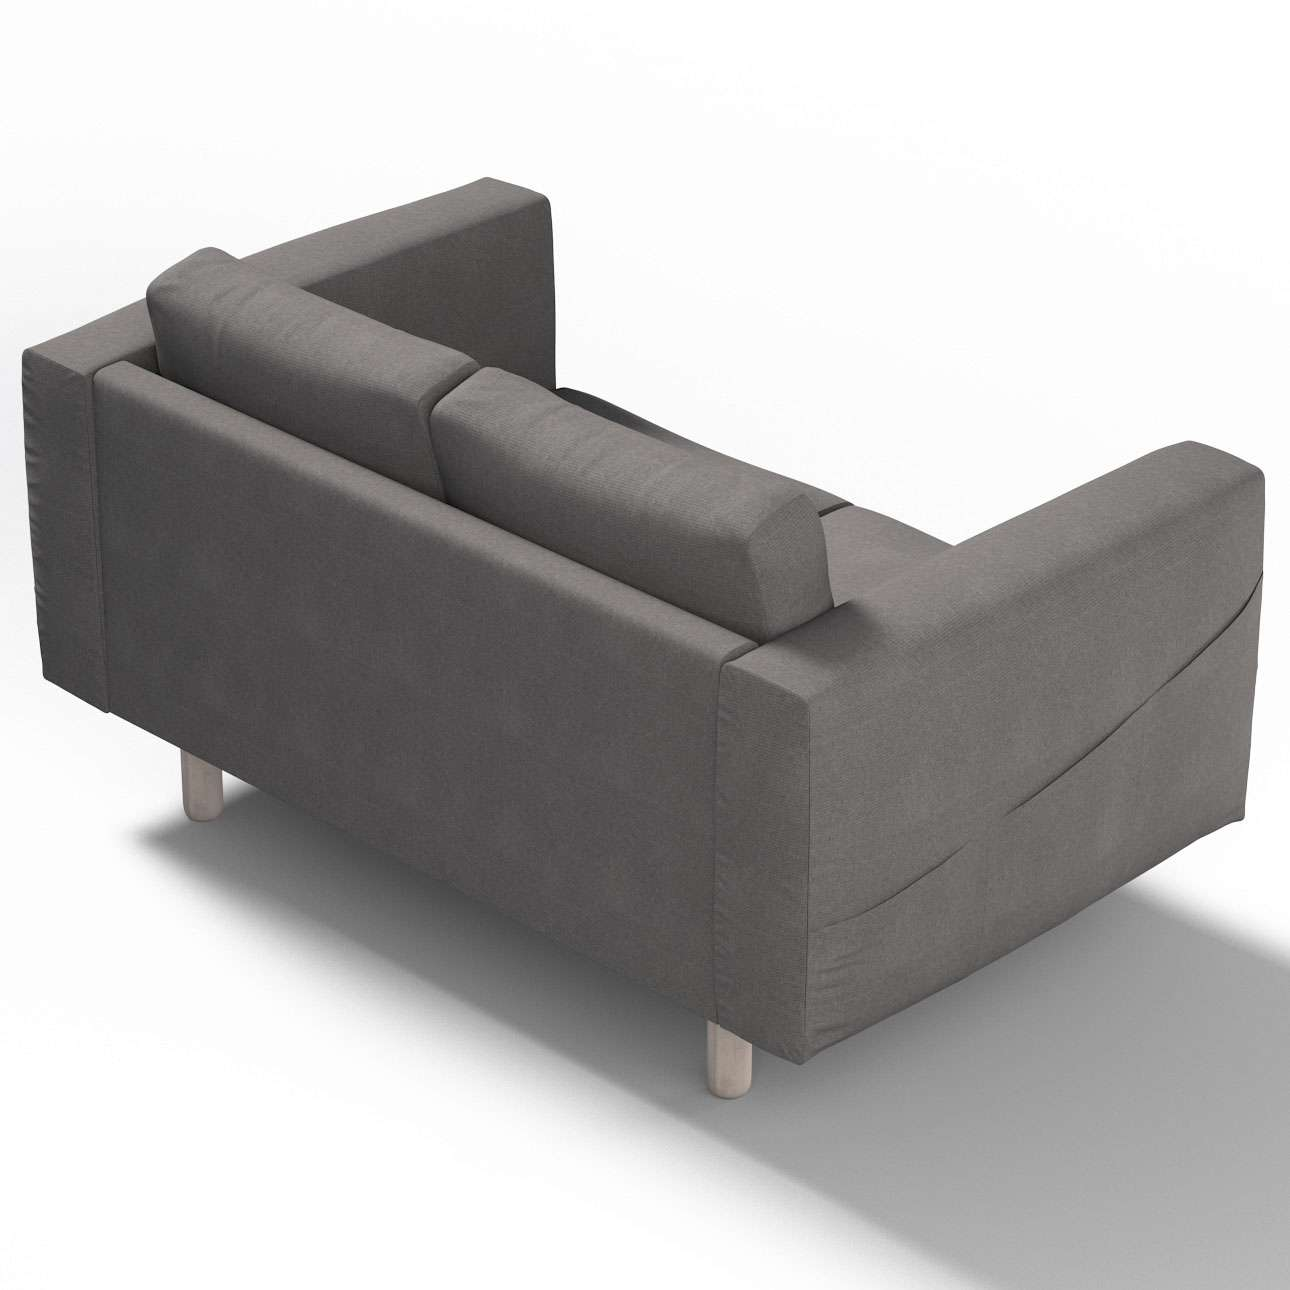 Pokrowiec na sofę Norsborg 2-osobową w kolekcji Etna, tkanina: 705-35